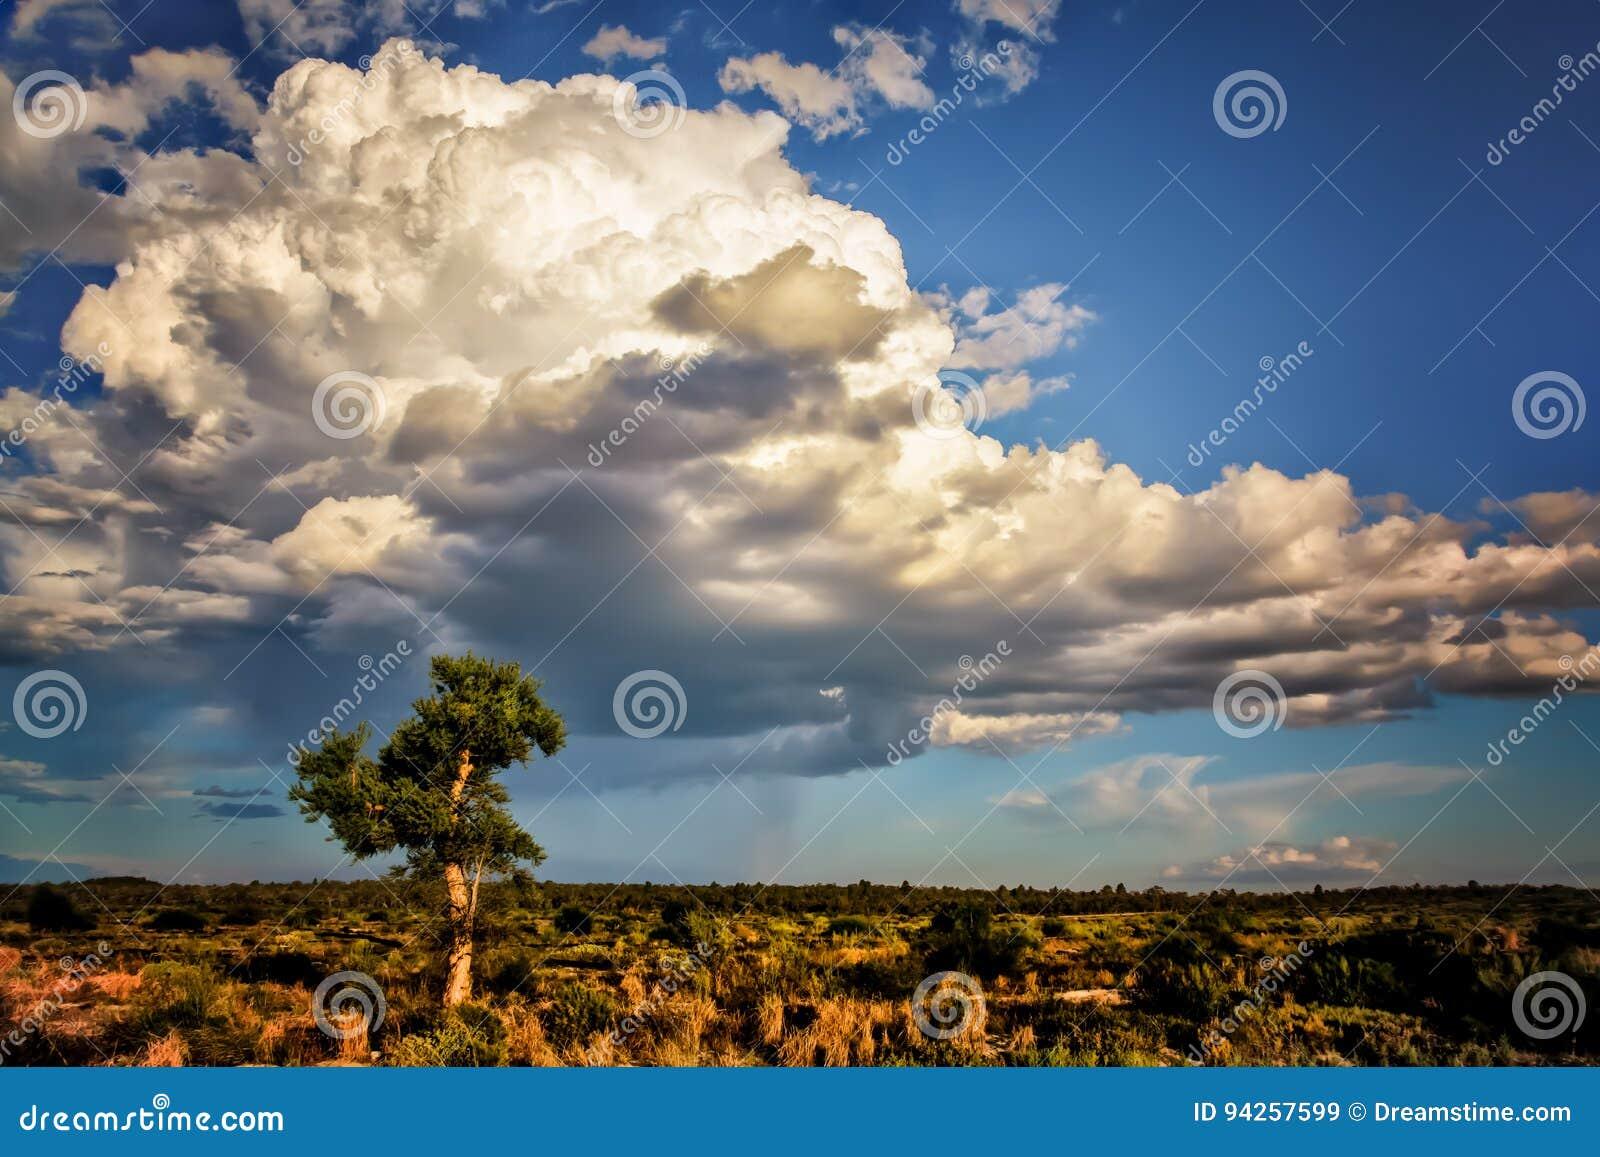 酿造在澳洲内地澳大利亚的风暴